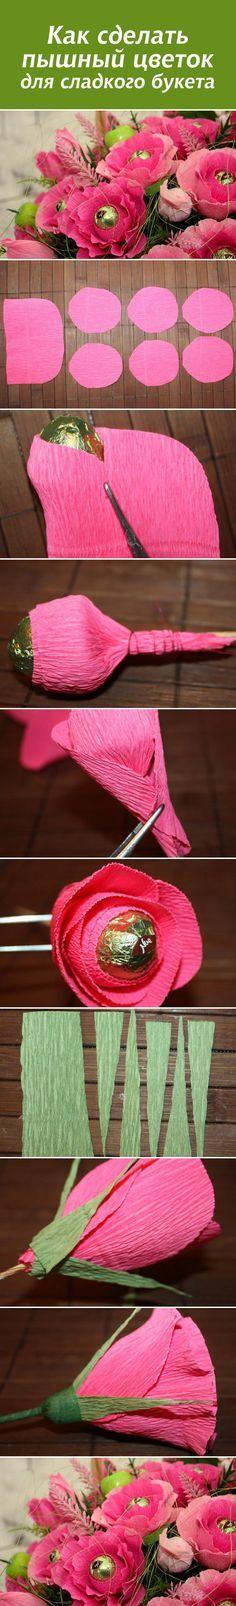 Как сделать пышный цветок для сладкого букета #diy #tutorial #sweetbouquet